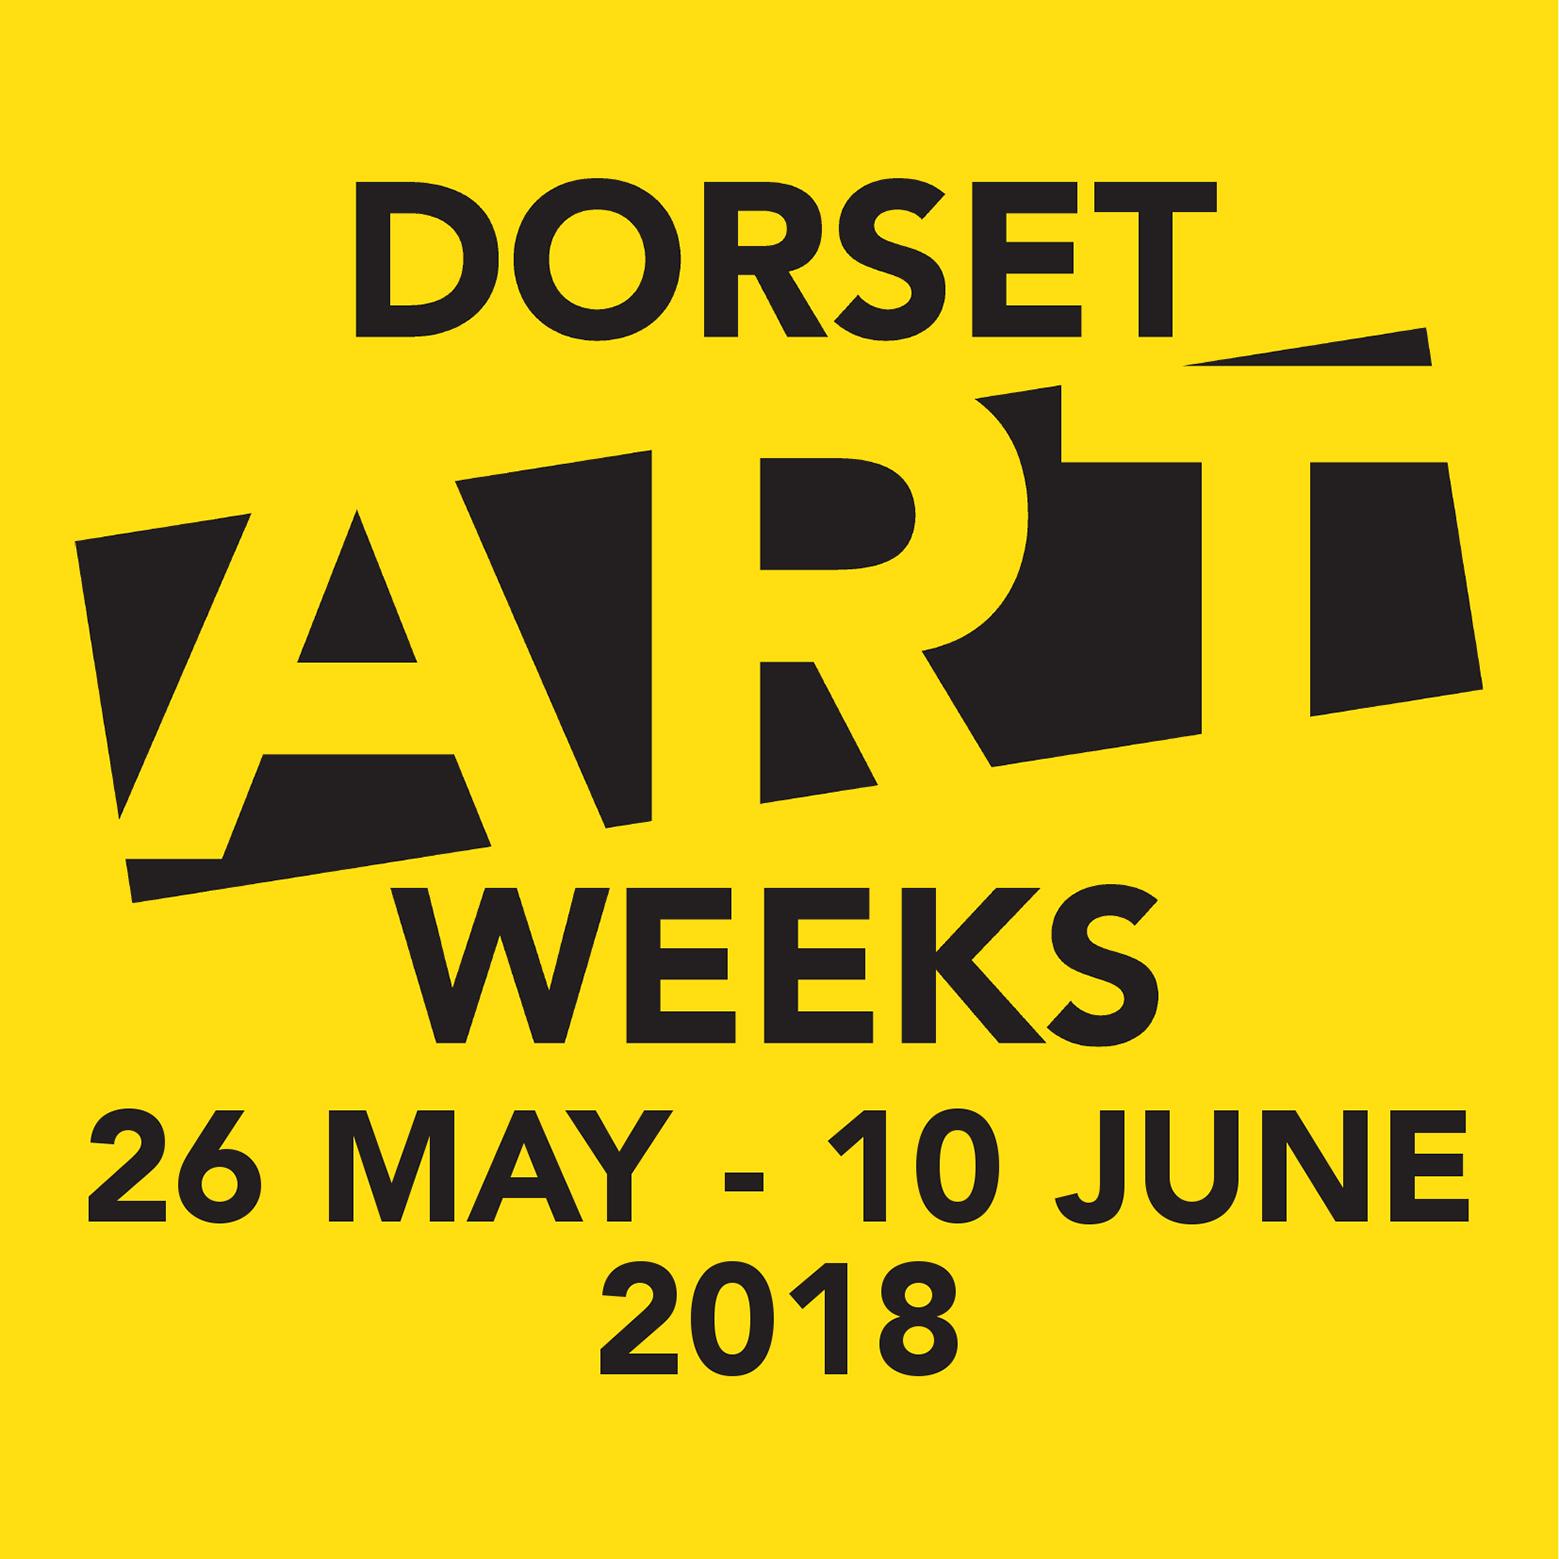 Dorset Arts Weeks 2018